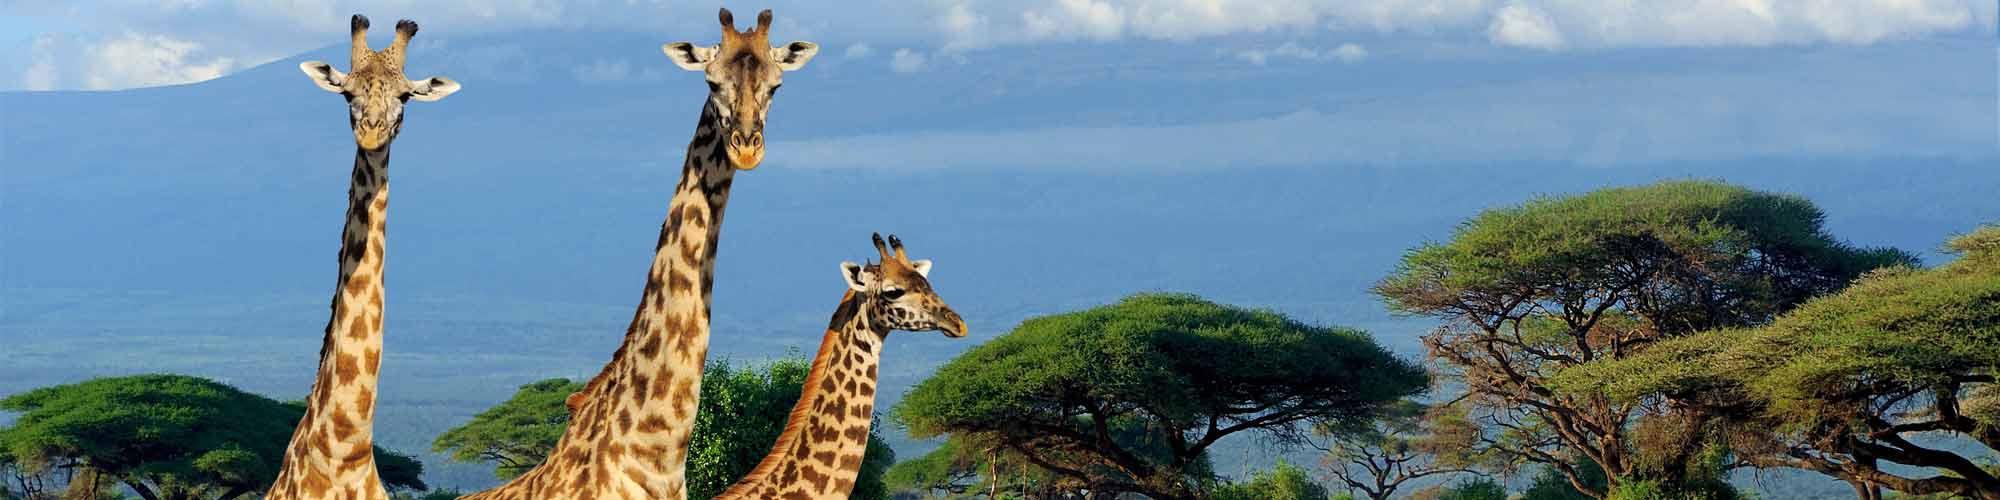 Kenia, memorias de África